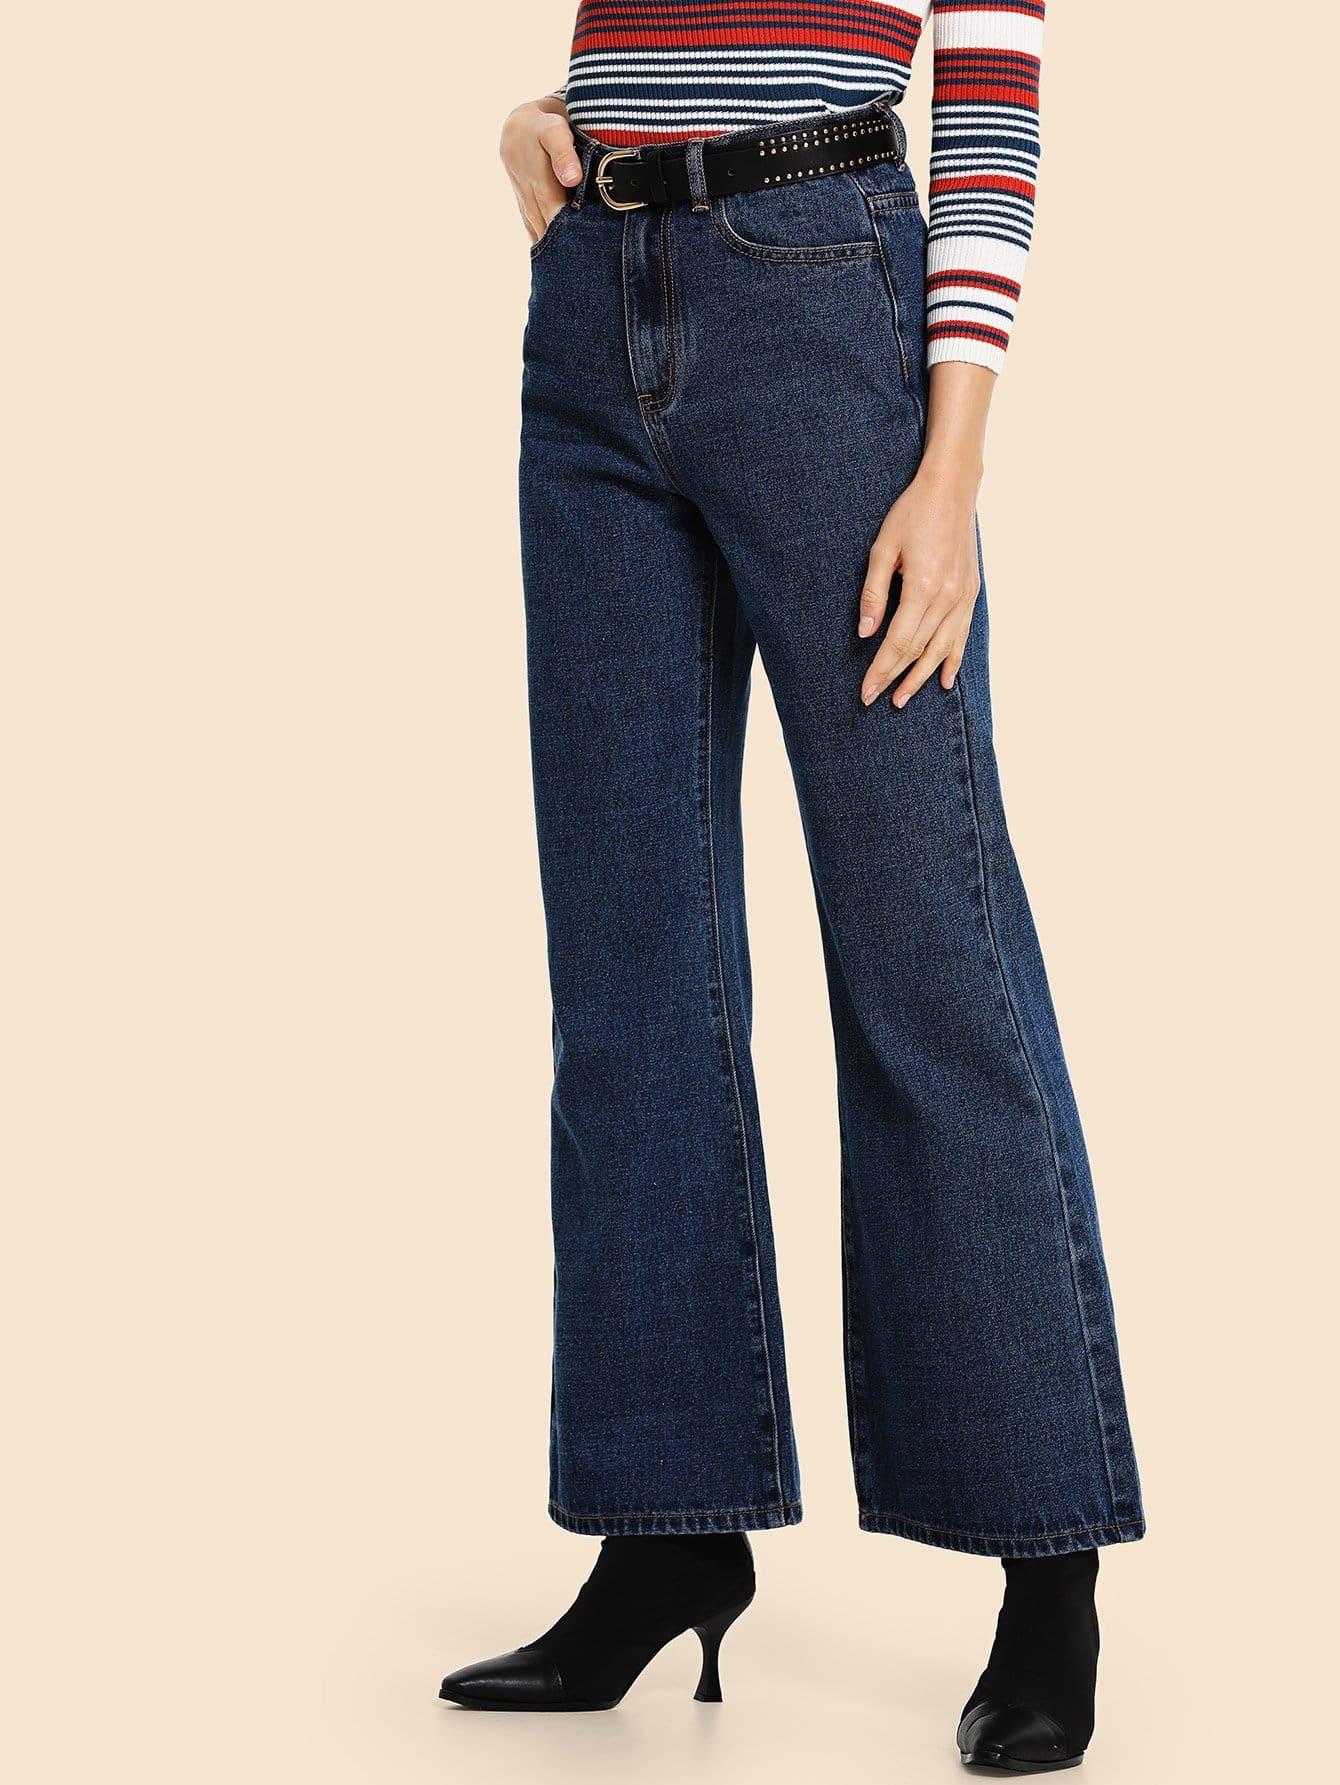 Купить Женские расклешенные джинсы, Masha, SheIn